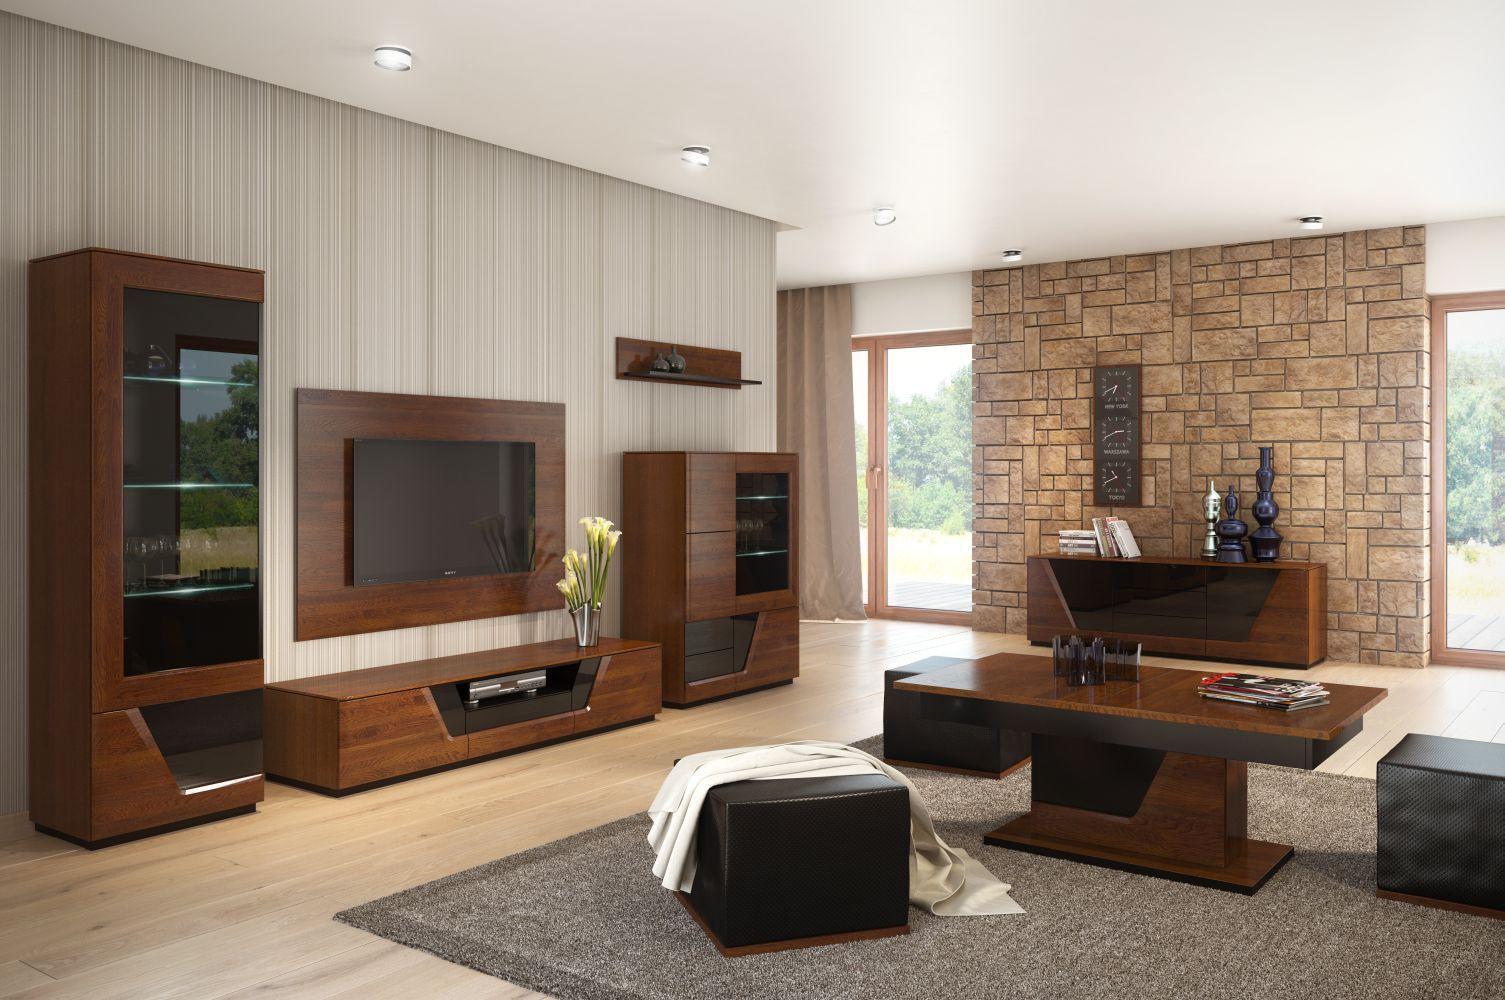 Wohnzimmer Komplett - Set A Medulin, 10-teilig, teilmassiv, Farbe: Walnuss / Schwarz